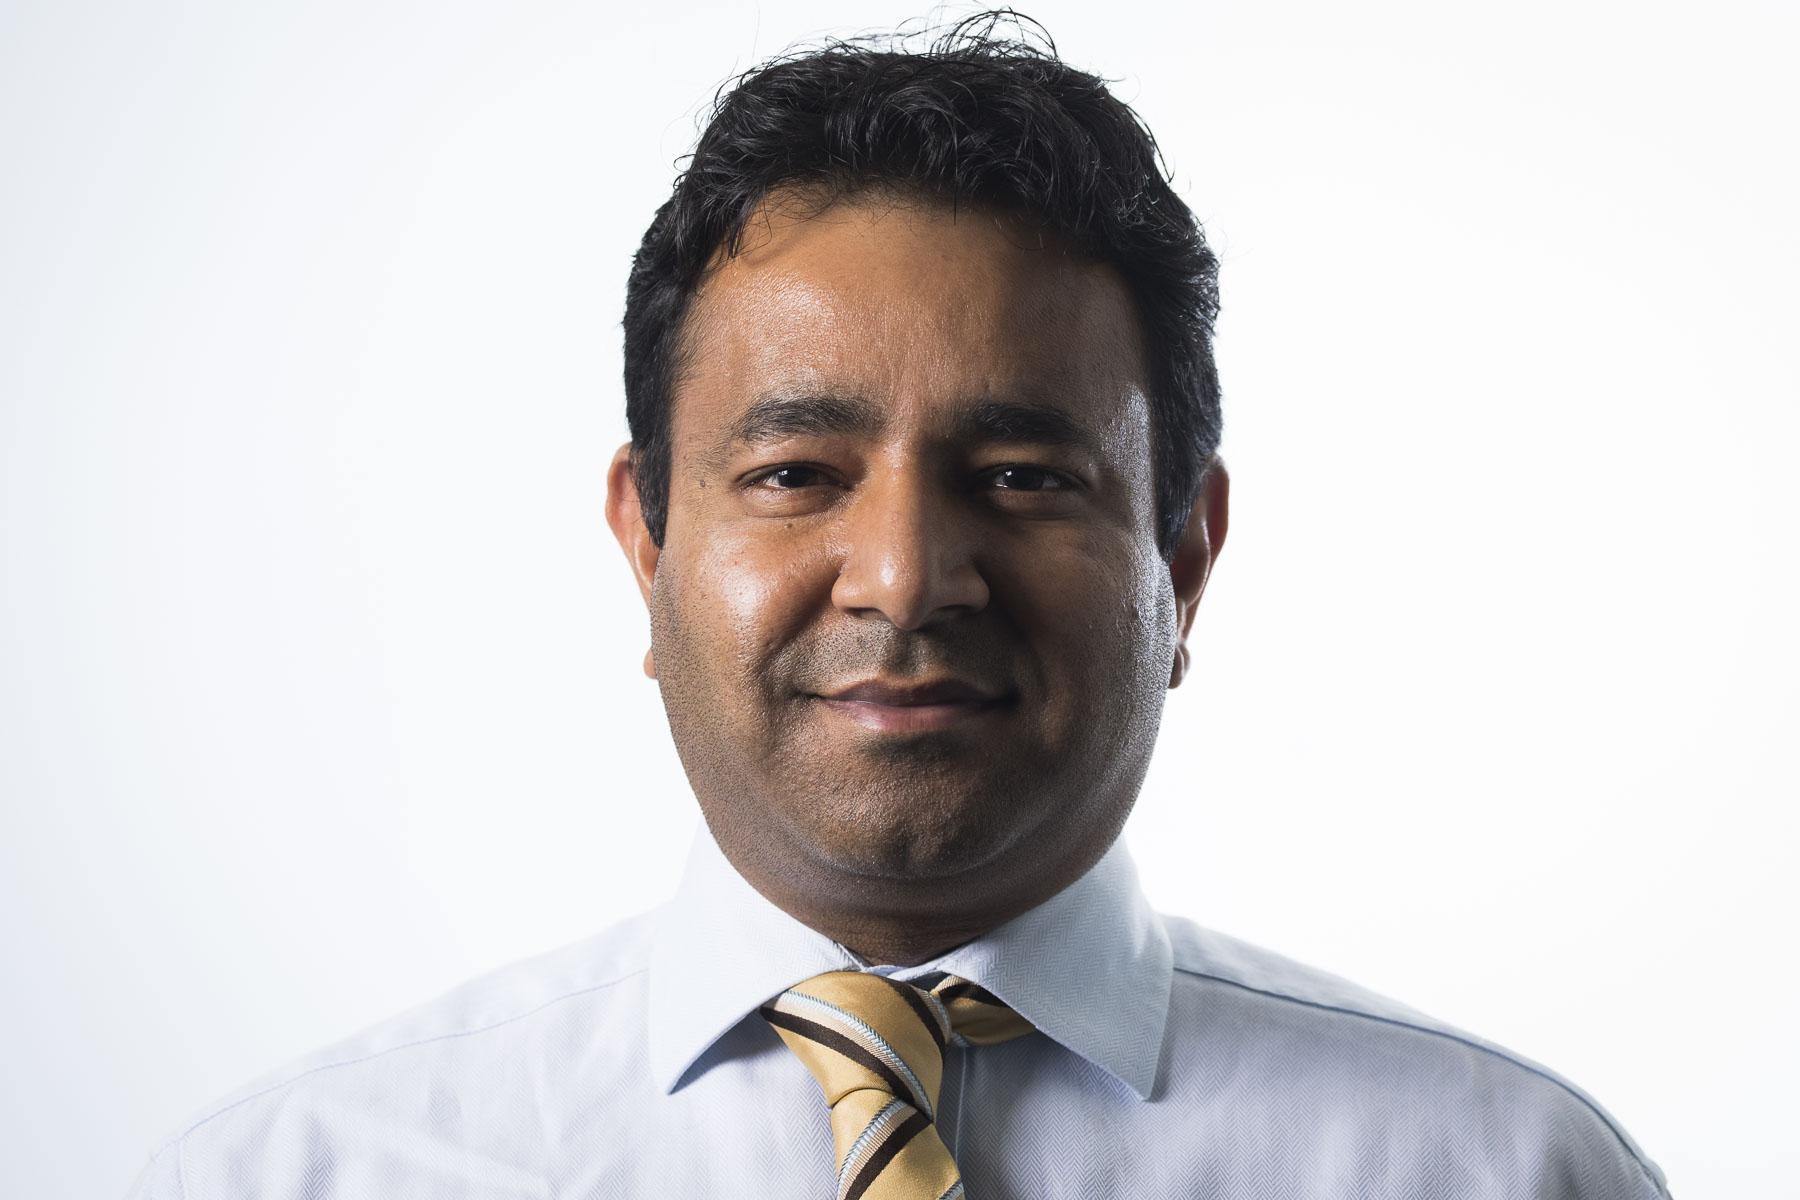 Dr Imran Anwar